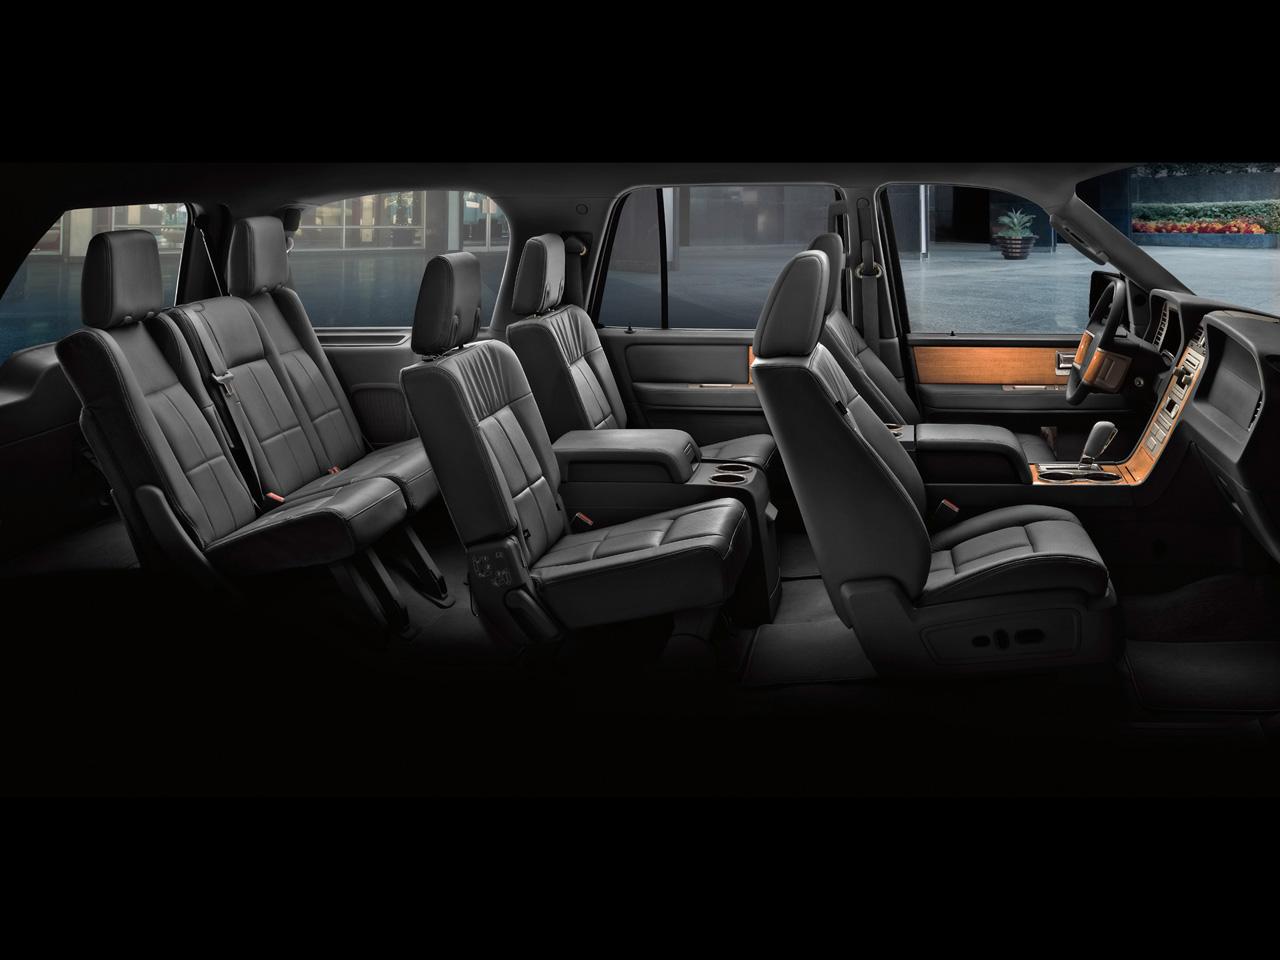 2011+lincoln+navigator+limo